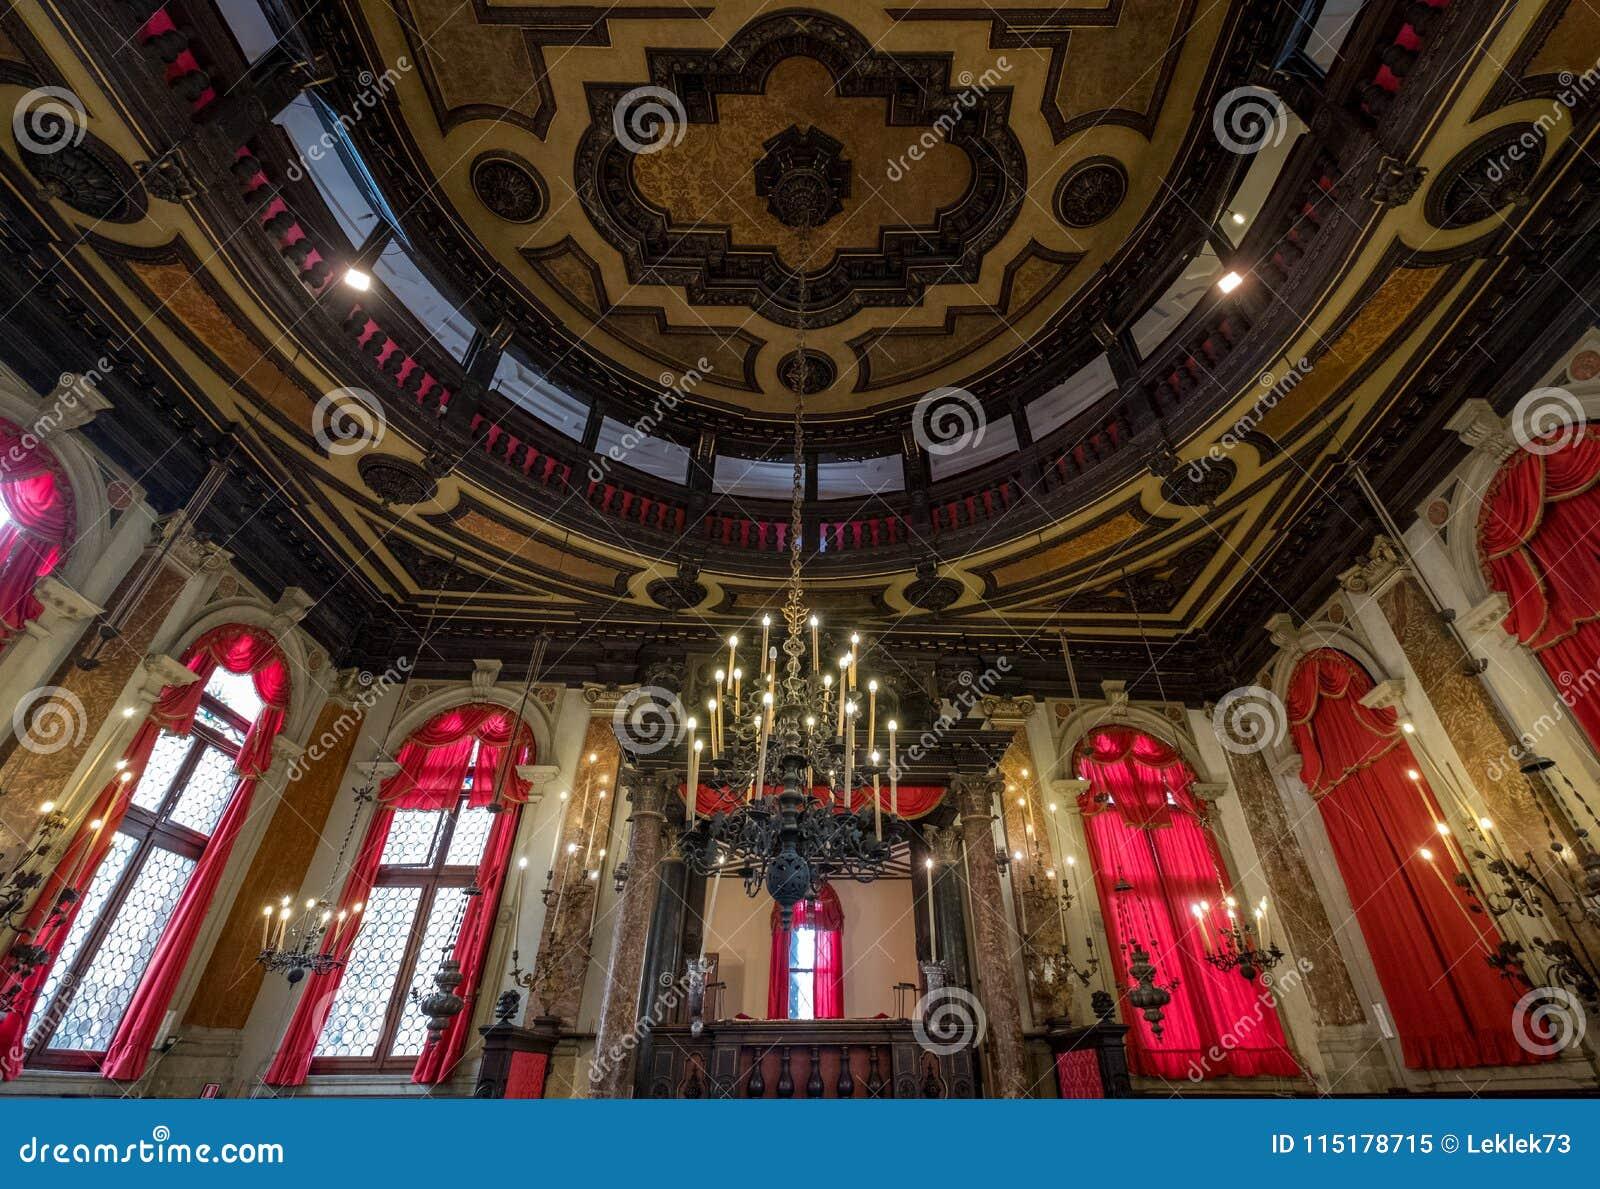 Stäng sig upp sikten av inre av den historiska spanska synagogan Schola Spagniola, Cannaregio, Venedig